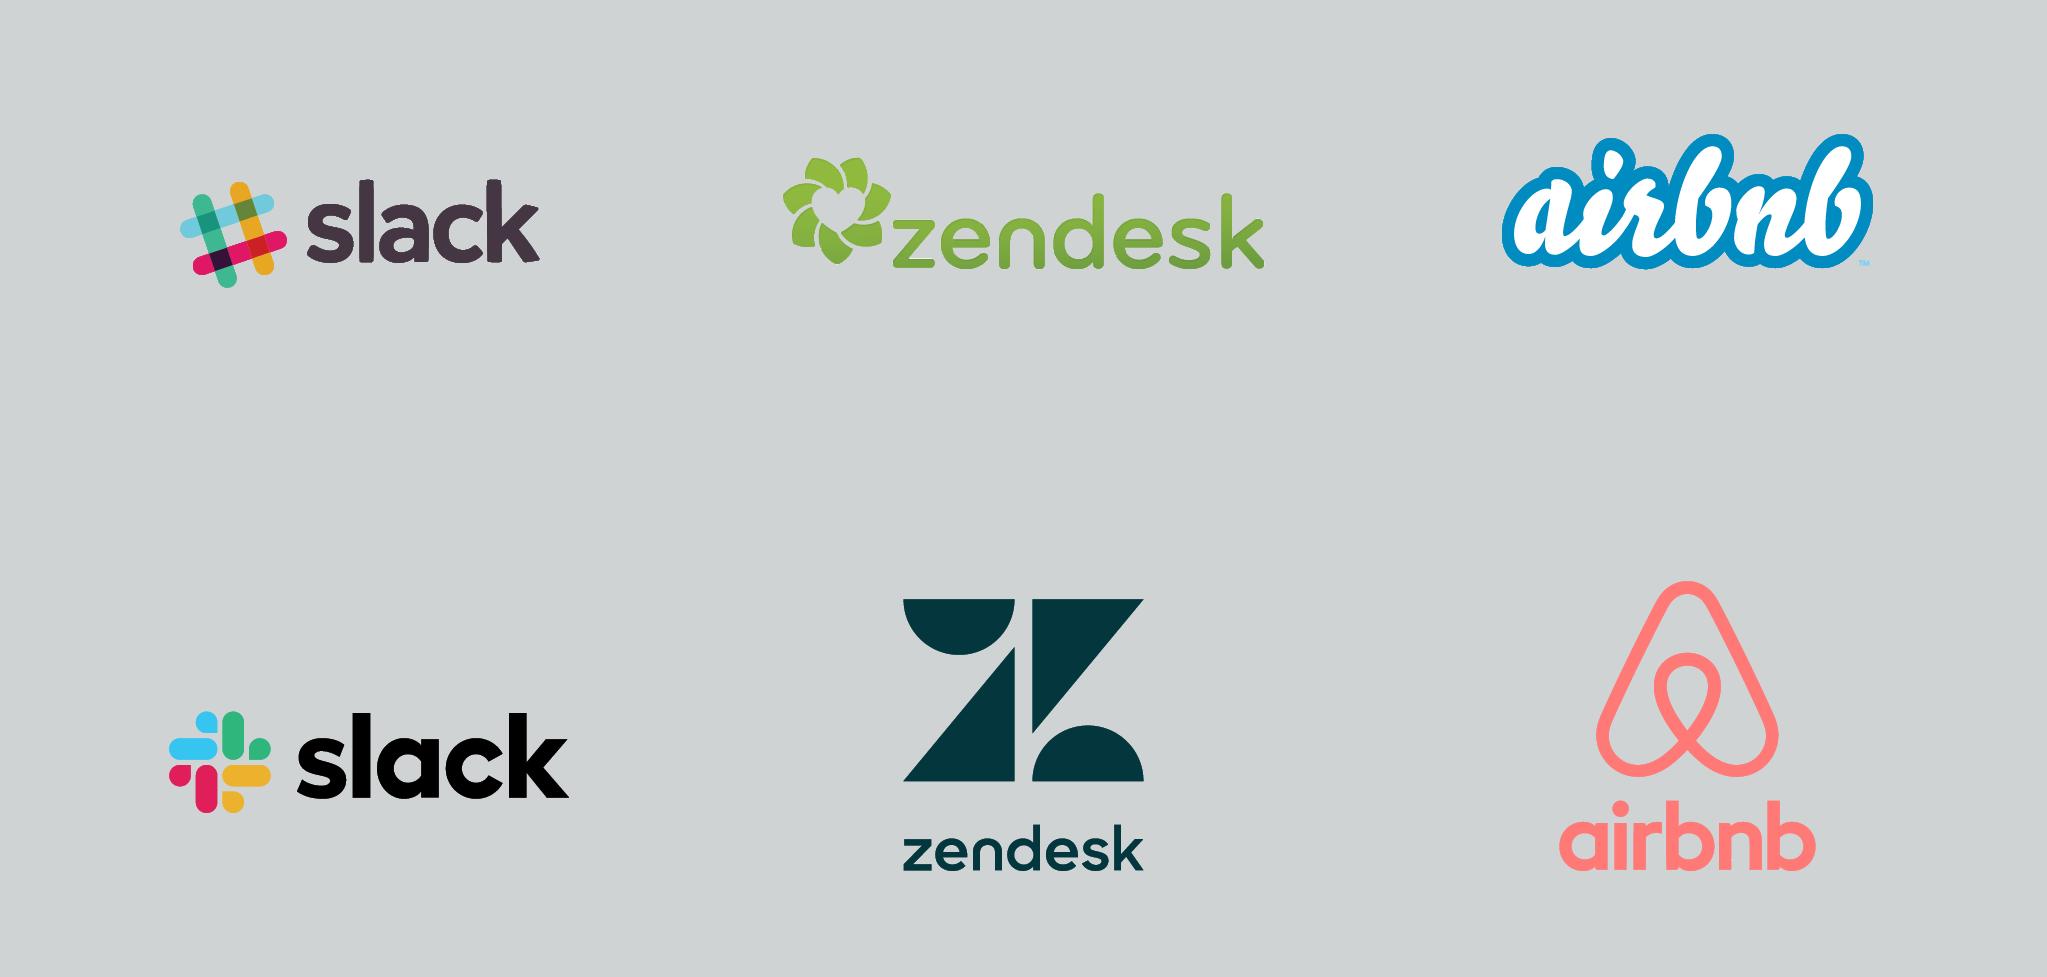 Slack rebrand, Zendesk rebrand, Airbnb rebrand